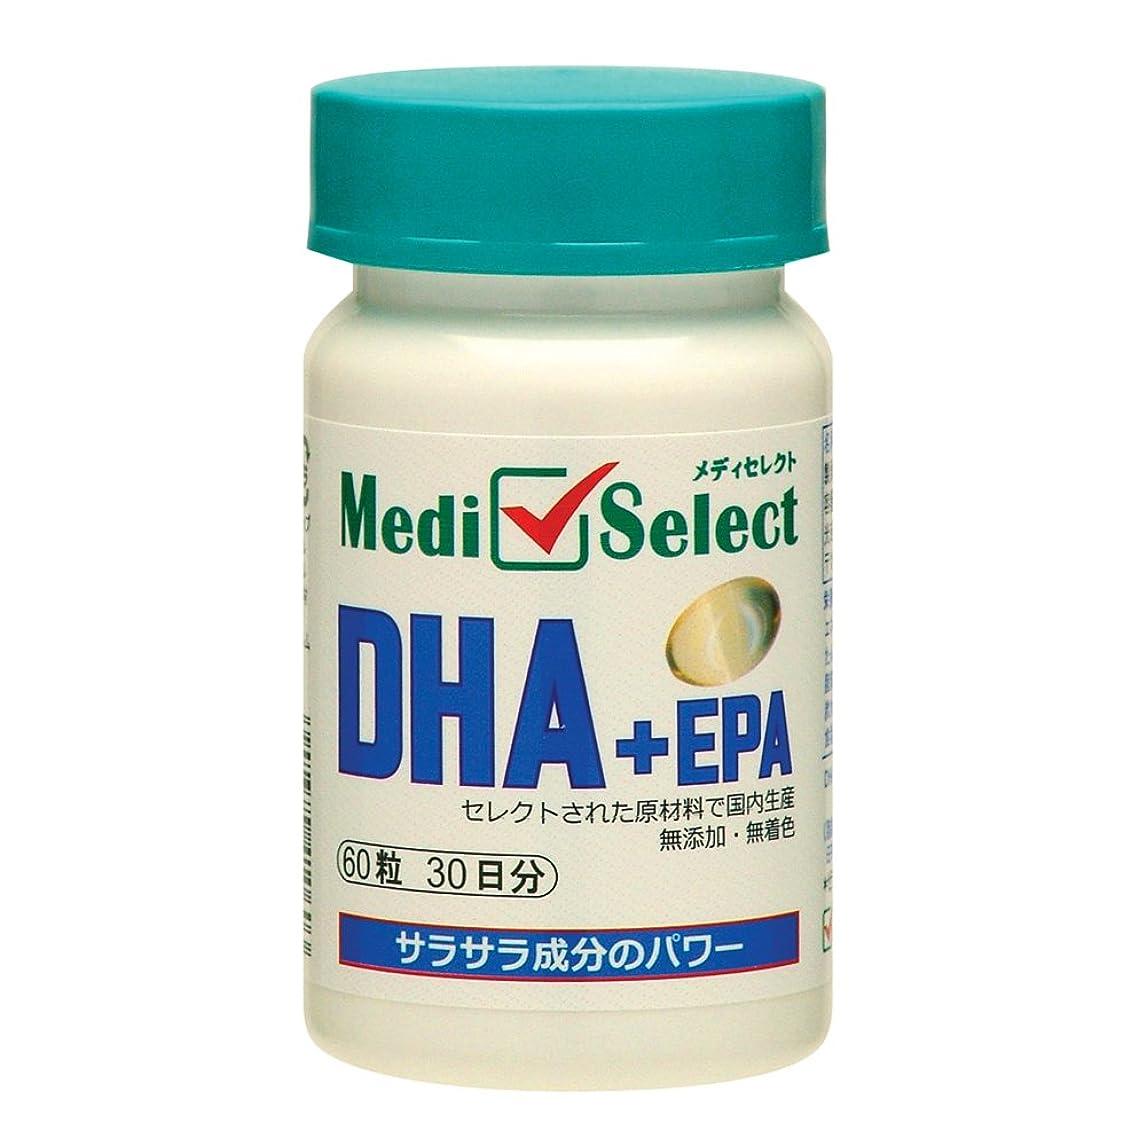 小さな離れて評決メディセレクト DHA+EPA 60粒(30日分)